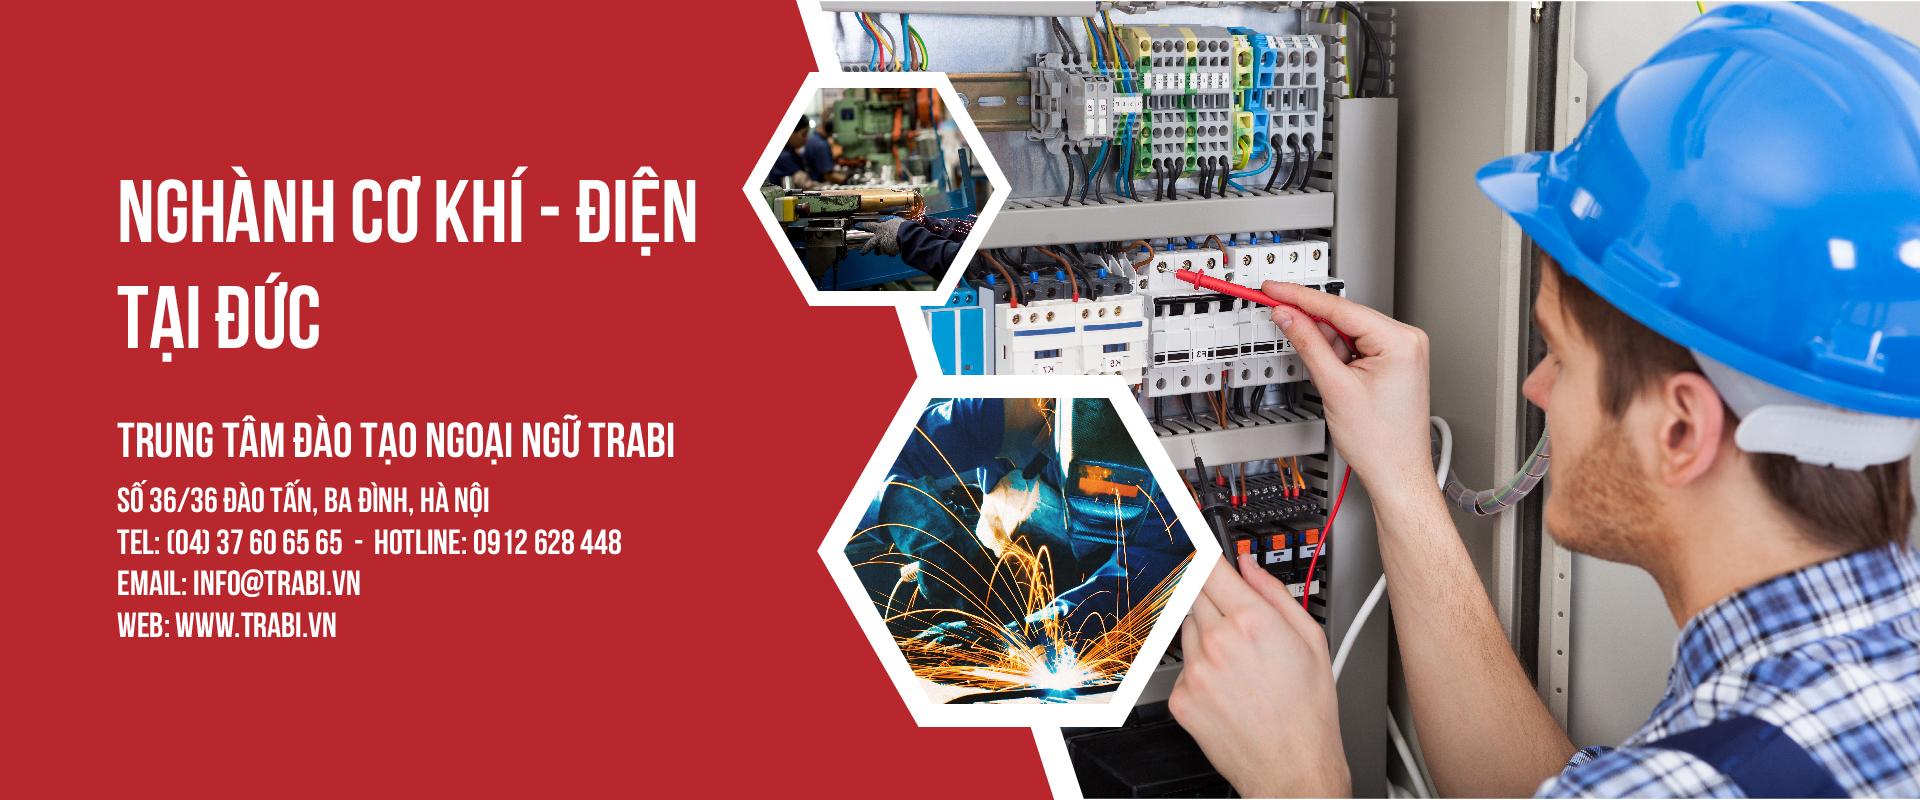 Ngành cơ khí điện tử tại Đức 2019